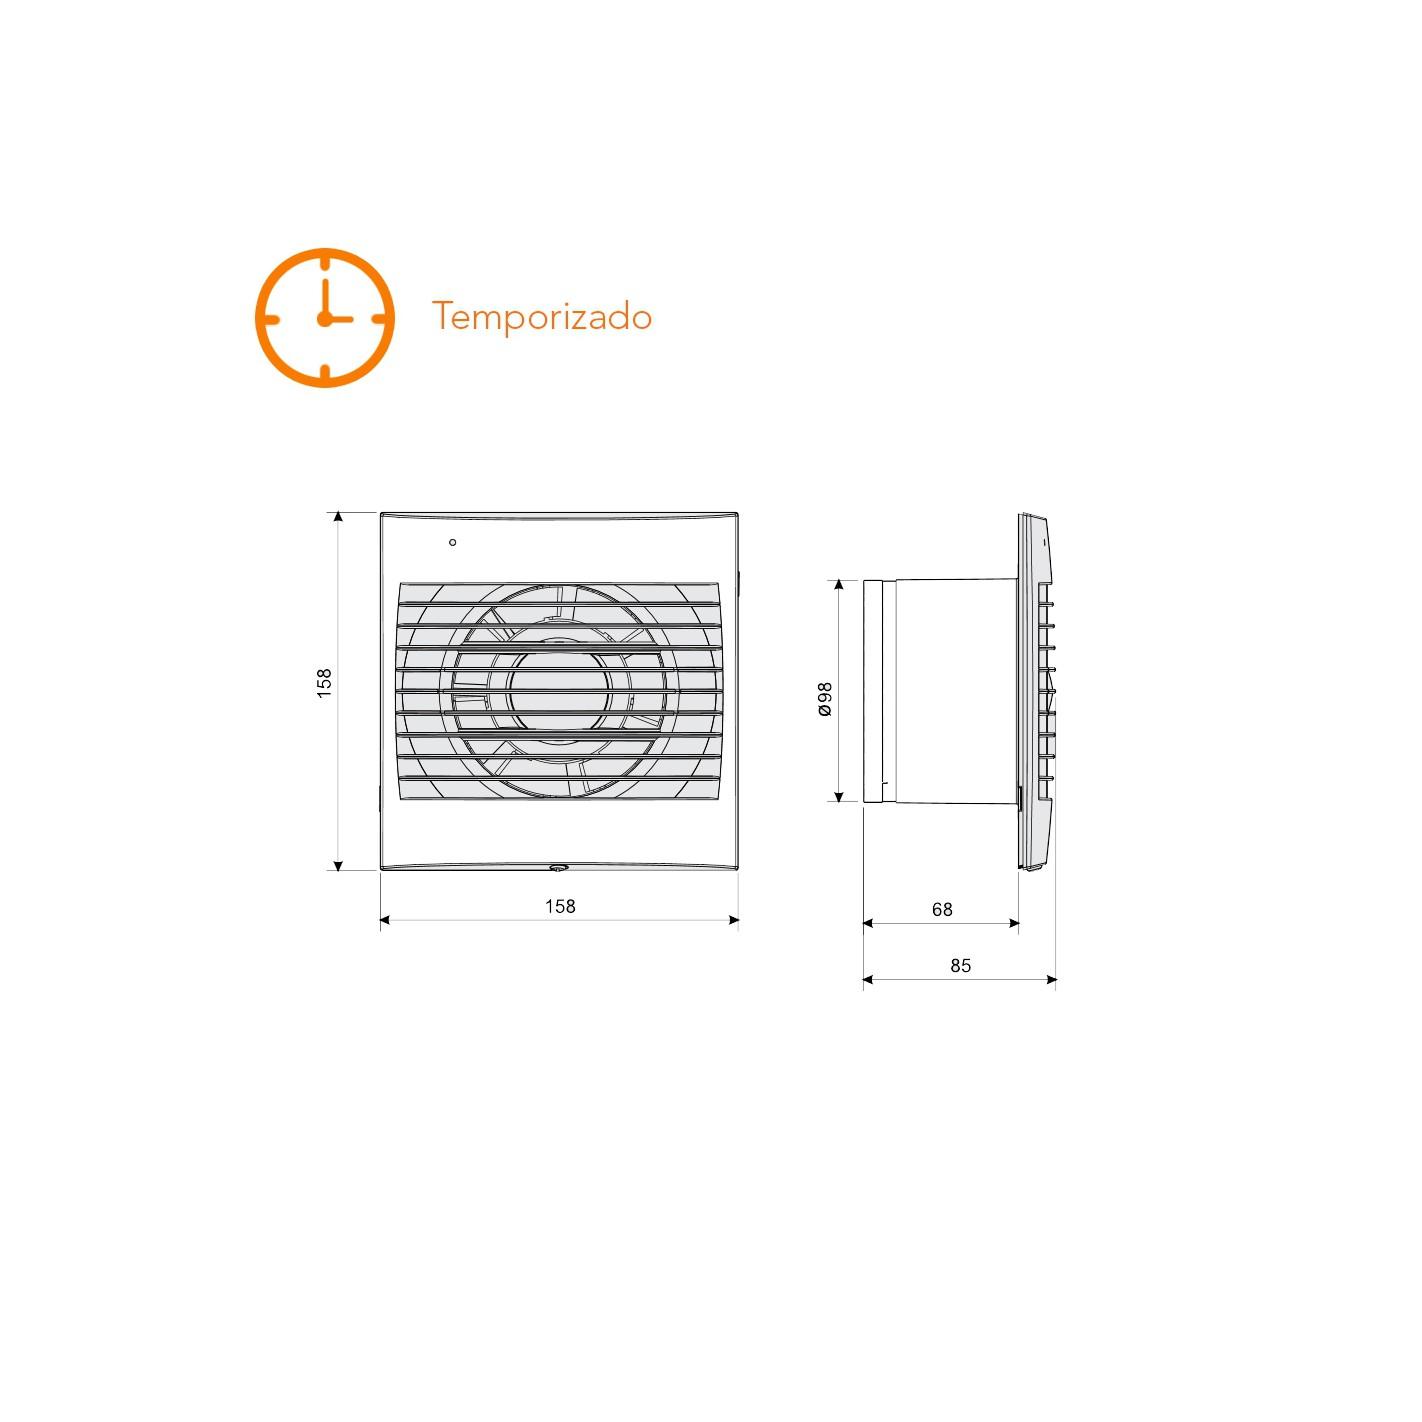 Extractor De Baño Temporizado: Extractores de baño > Extractor de baño temporizado S&P Decor-100 CR